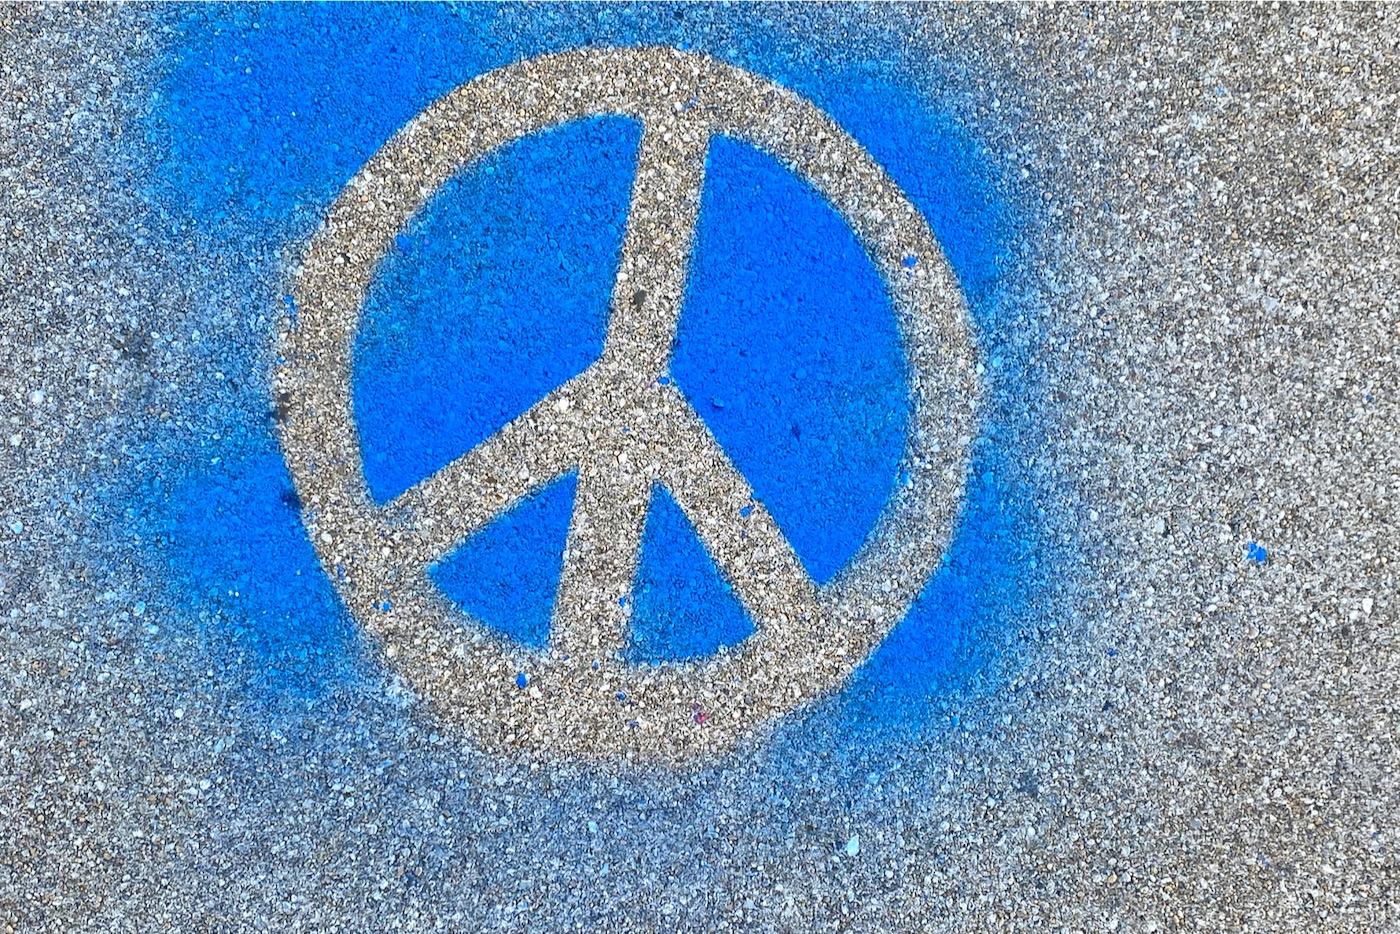 Das Peace-Zeichen wurde 60 Jahre